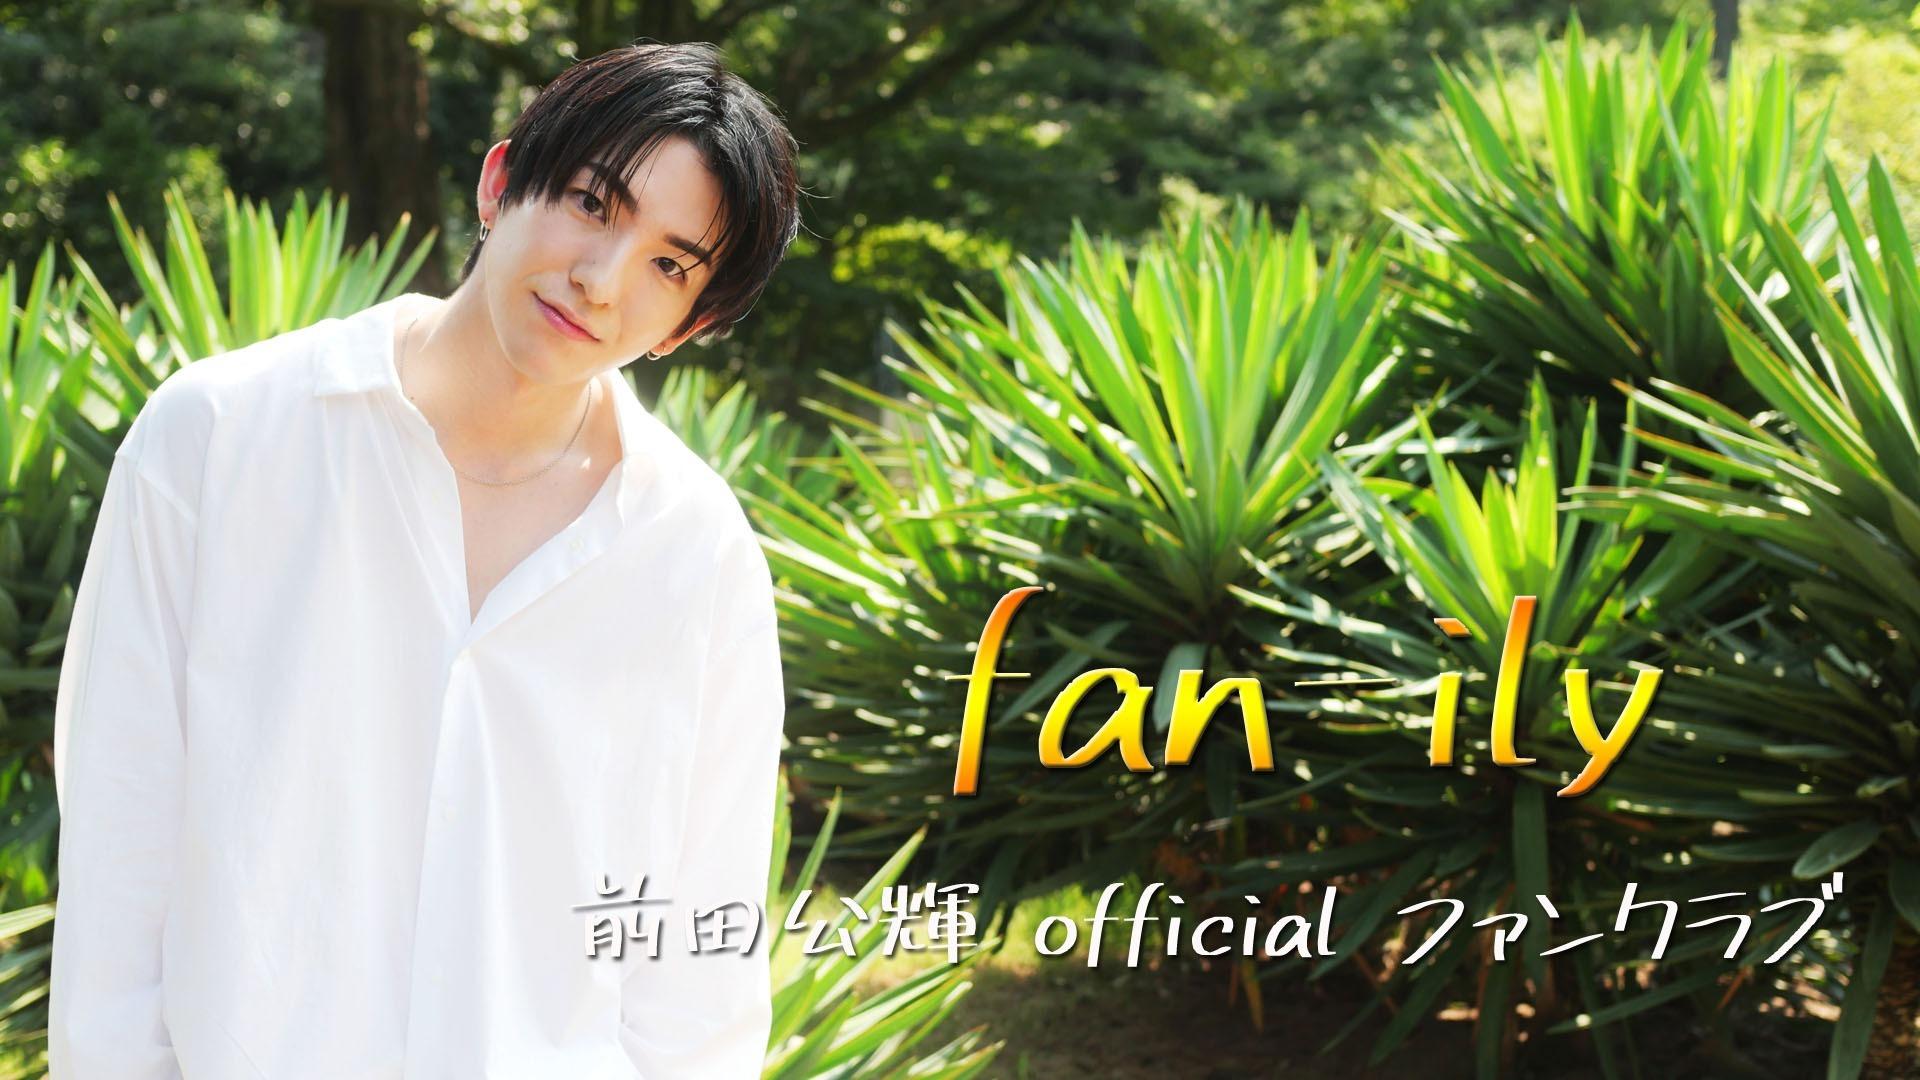 前田公輝のfan-ily - 前田公輝officialファンクラブ「fan-ily」 - DMM オンラインサロン